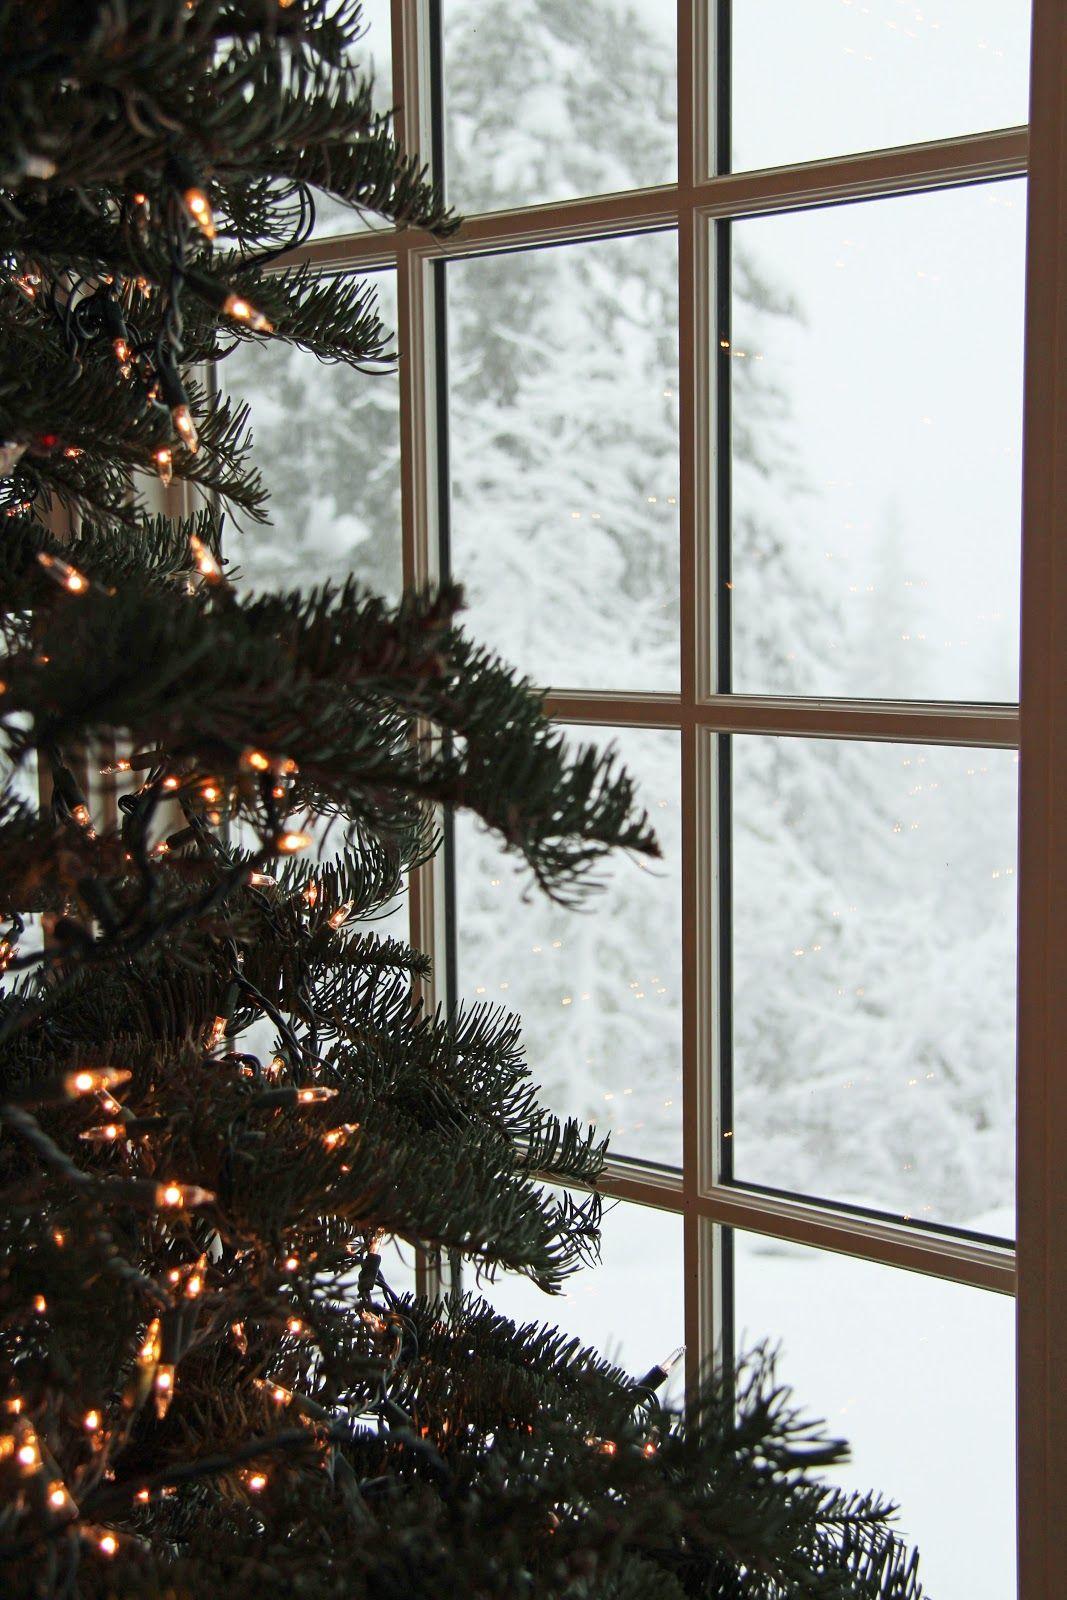 Weihnachtsbaum mit klassischer Lichterkette in der Weihnachtszeit.